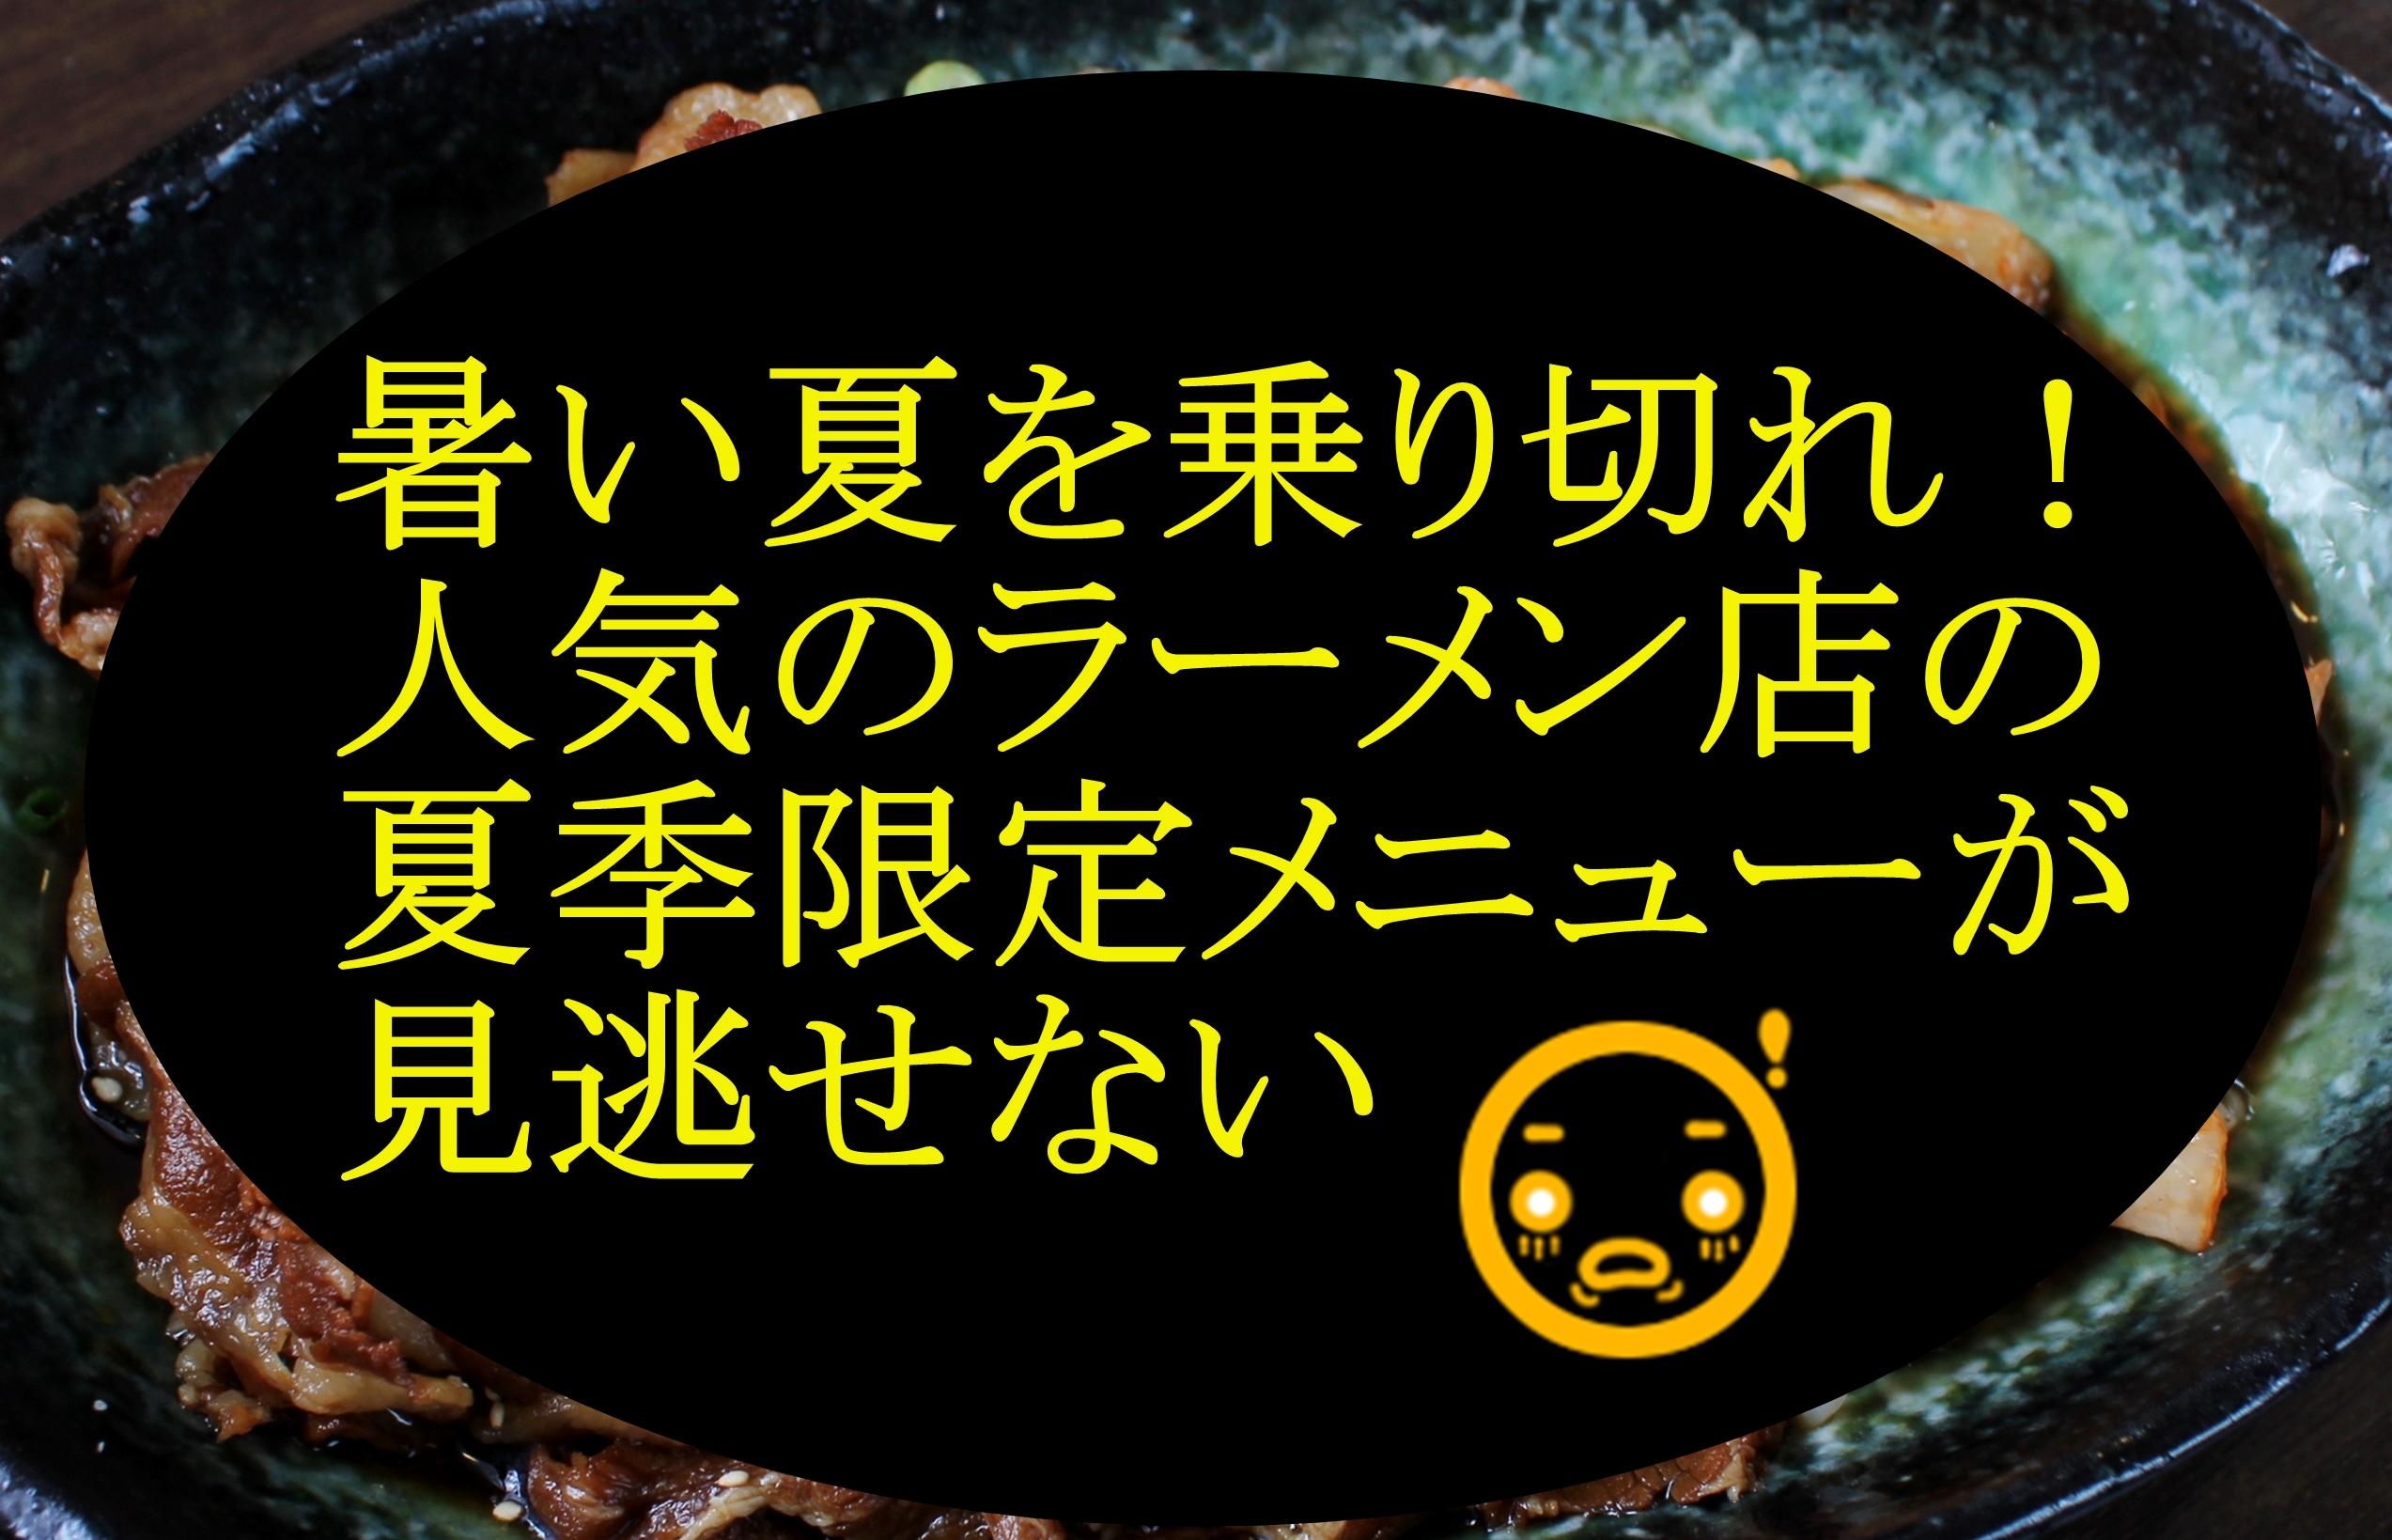 《小松島市/ゆ~ちゃんラーメン》暑い夏を乗り切れ! 人気ラーメン店の夏季限定メニューが見逃せない!